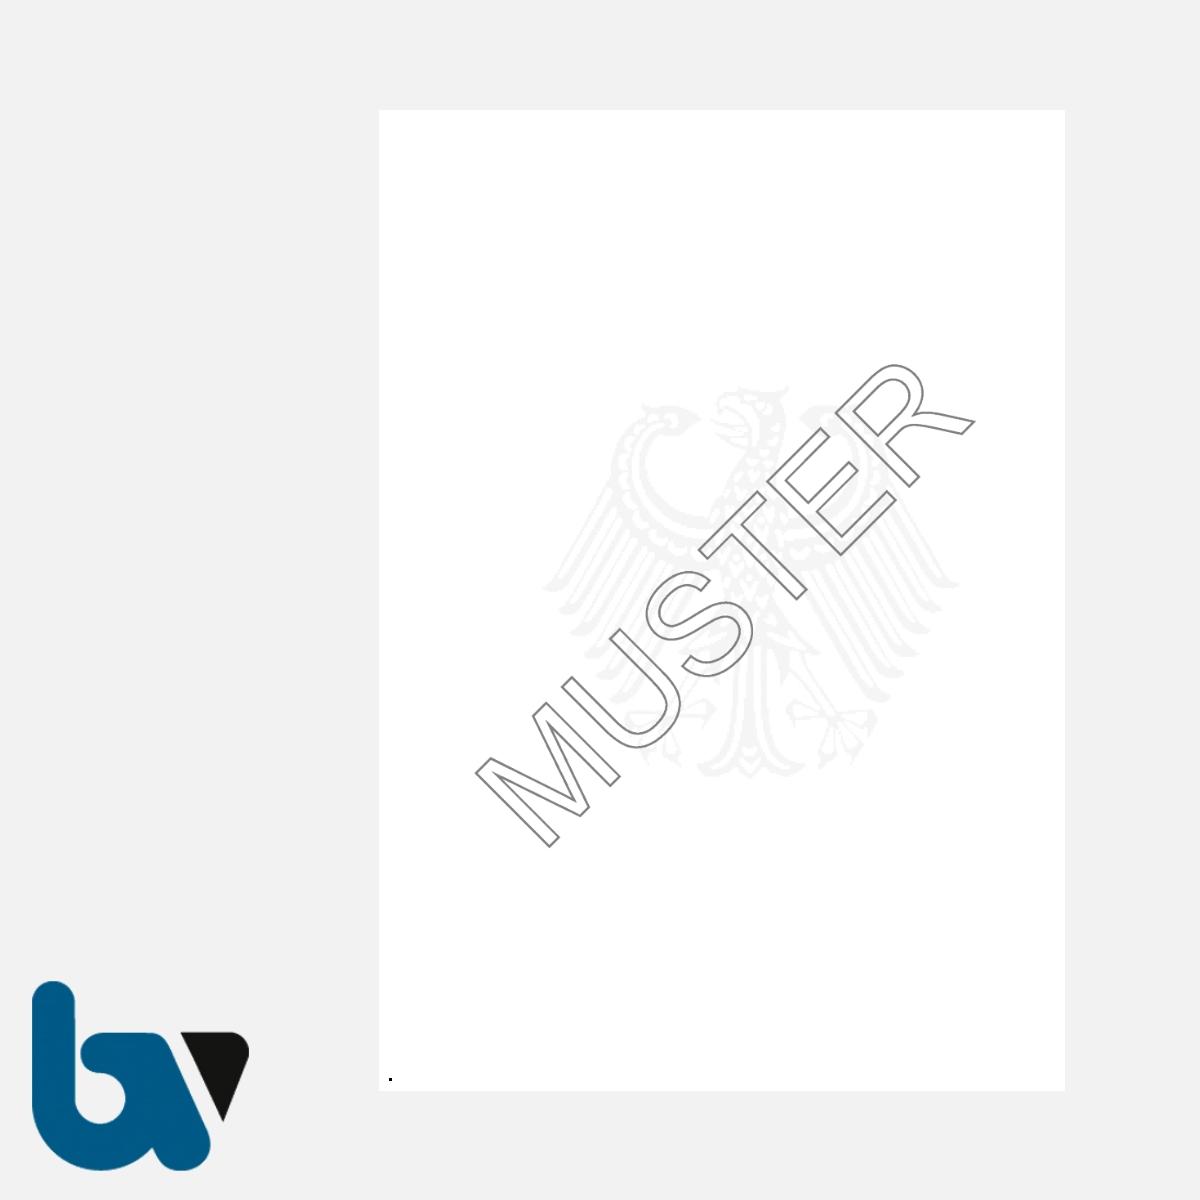 0/168-5.1ub Sicherheitspapier Standesamt Personenstand Urkunde Kopierschutz Scanschutz Security Dokument ungelocht Bundesadler Stammbuch 130 200 | Borgard Verlag GmbH